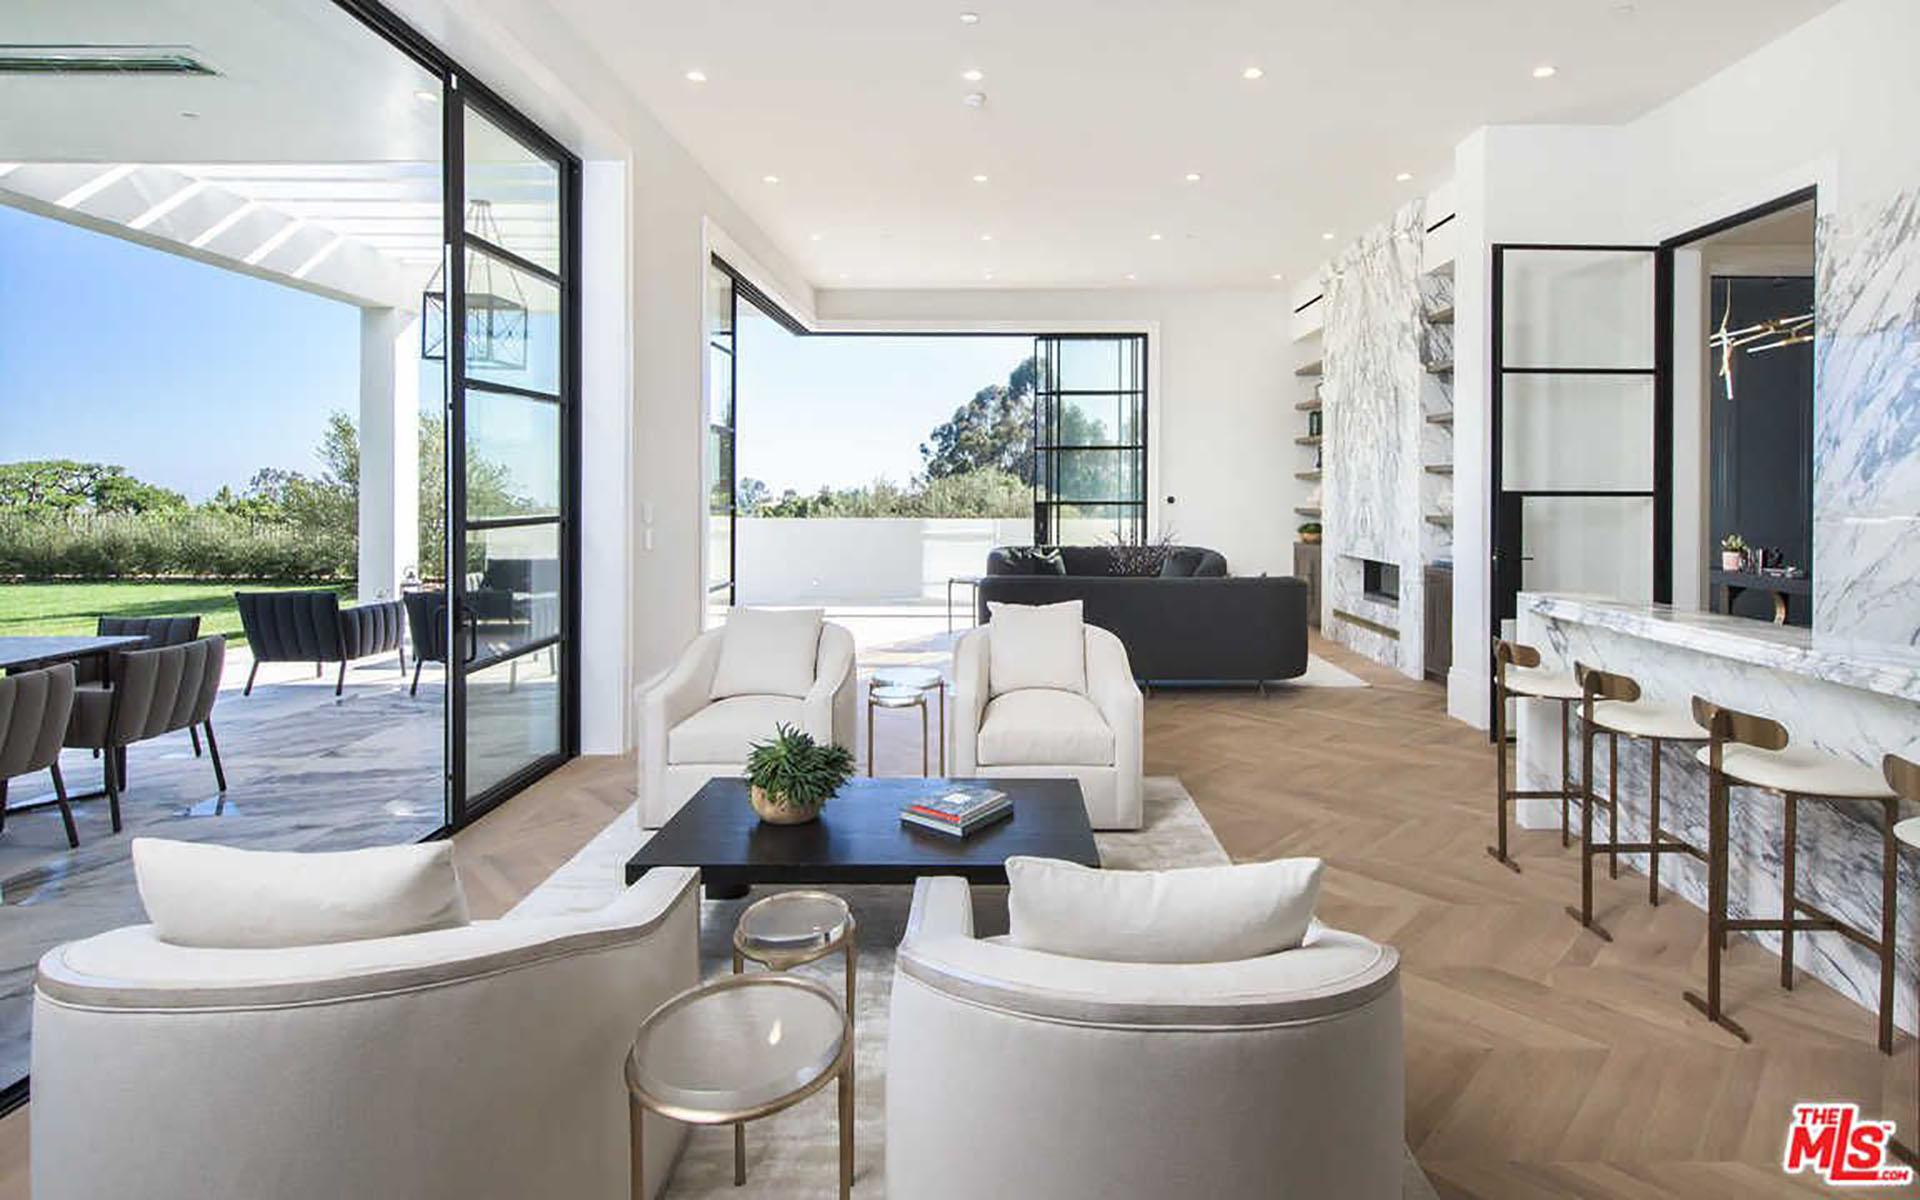 (MLS)LeBron James, actual jugador de los Cleveland Cavaliers, compró la residencia en California. Una distancia de casi 3300 kilómetros separa a las dos ciudades